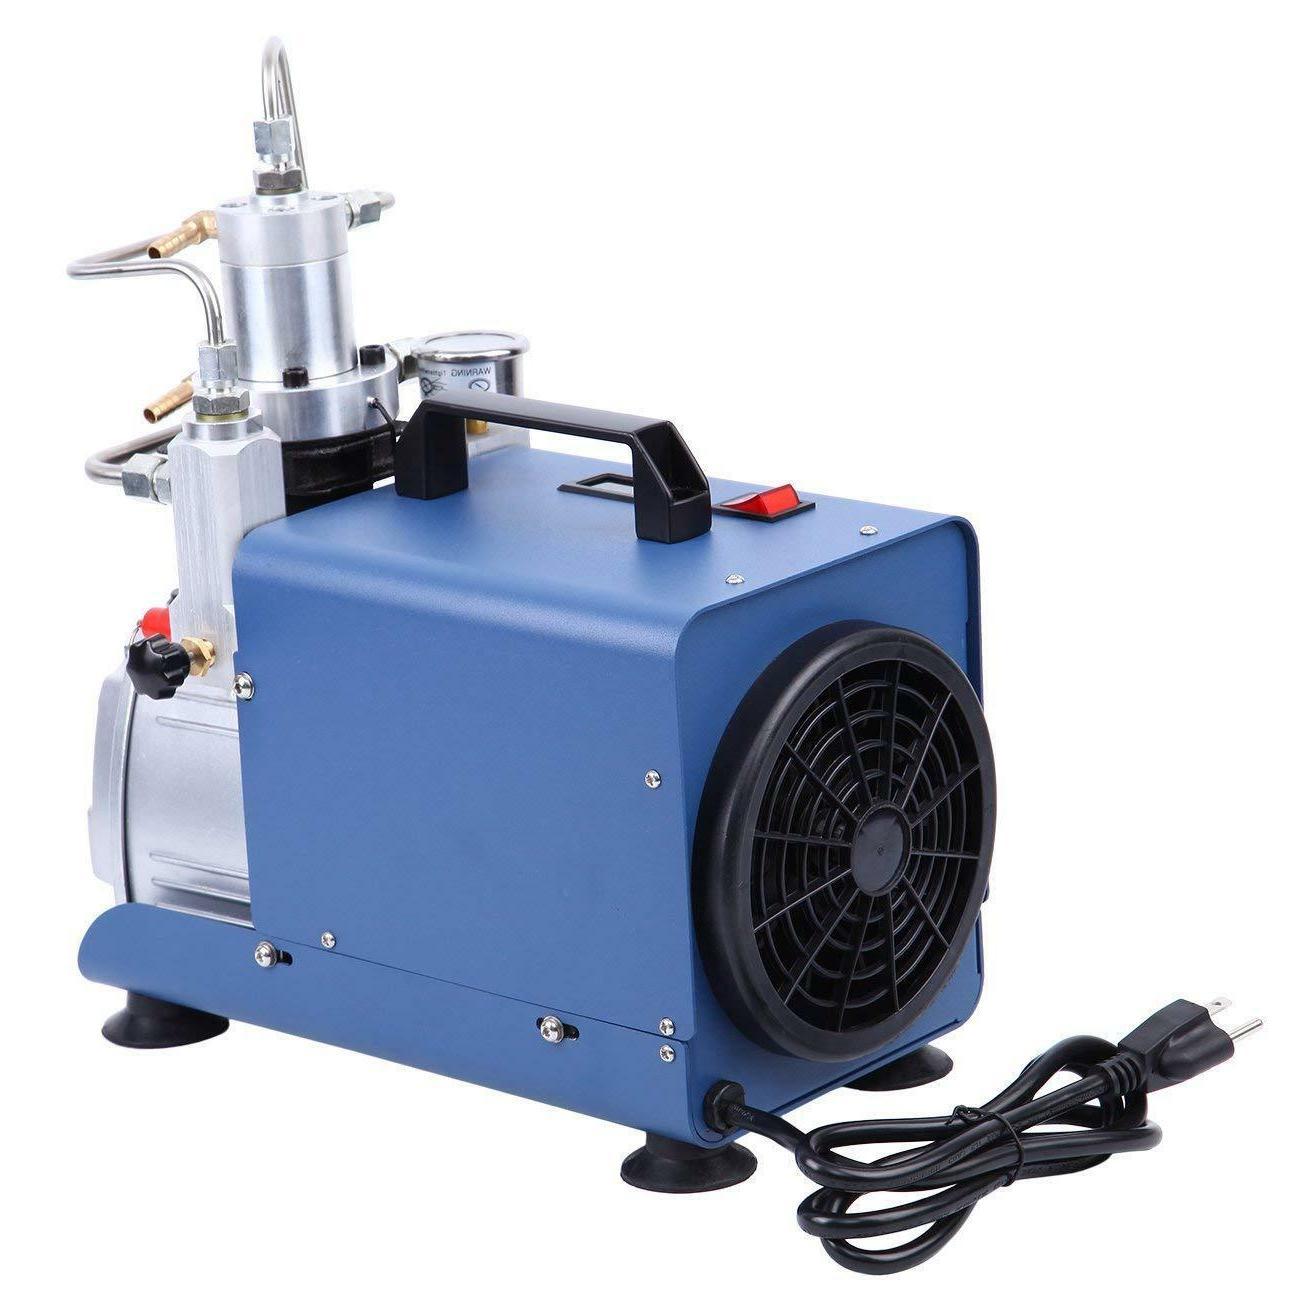 220V YONG 30MPa Electric Air Compressor Pump